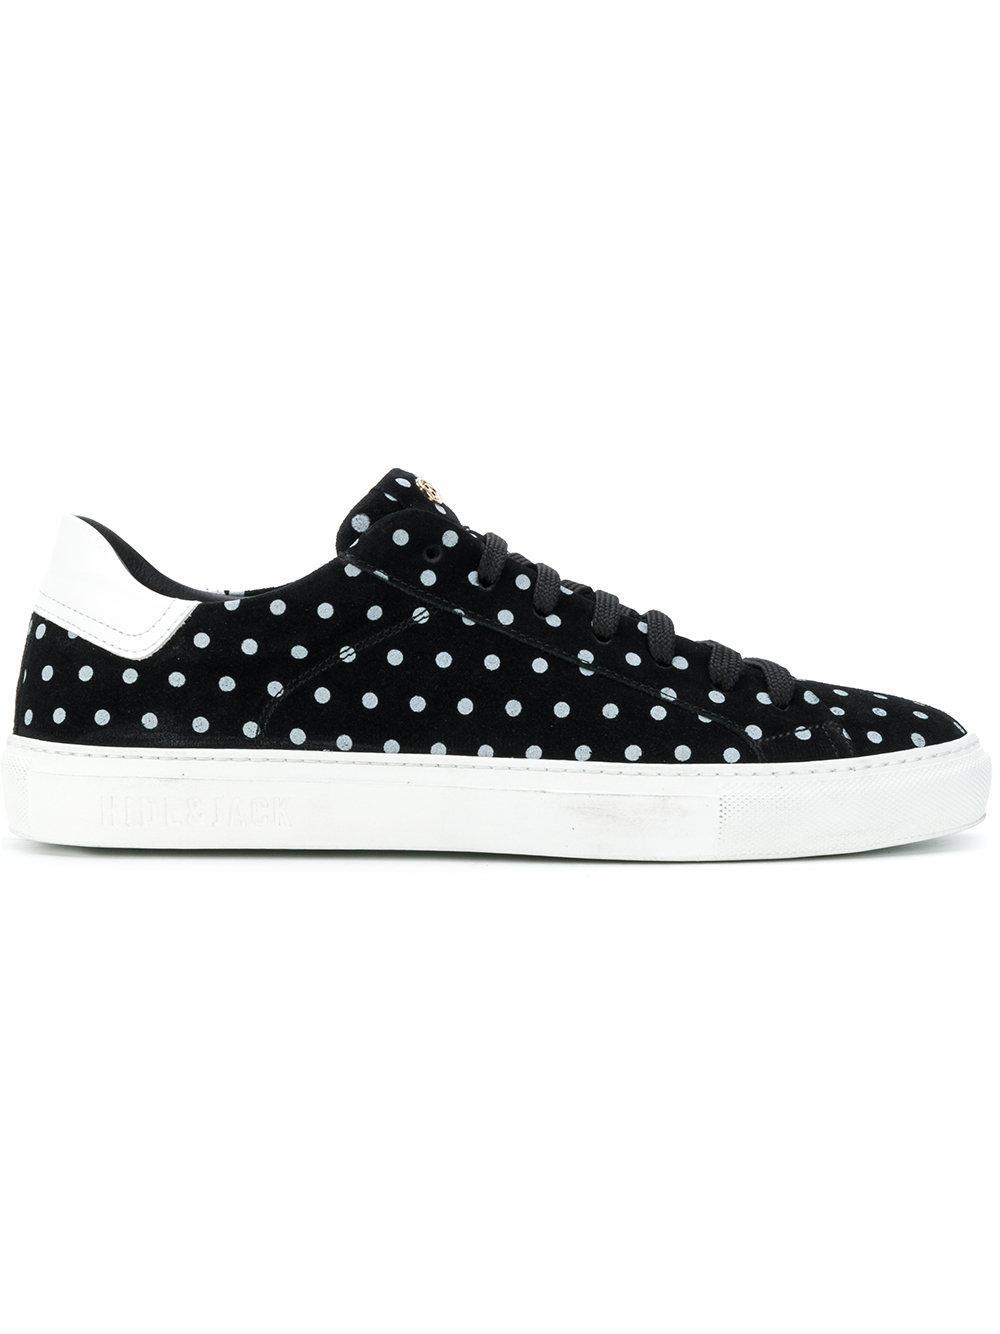 Hide & Jack Polka Dot Sneakers